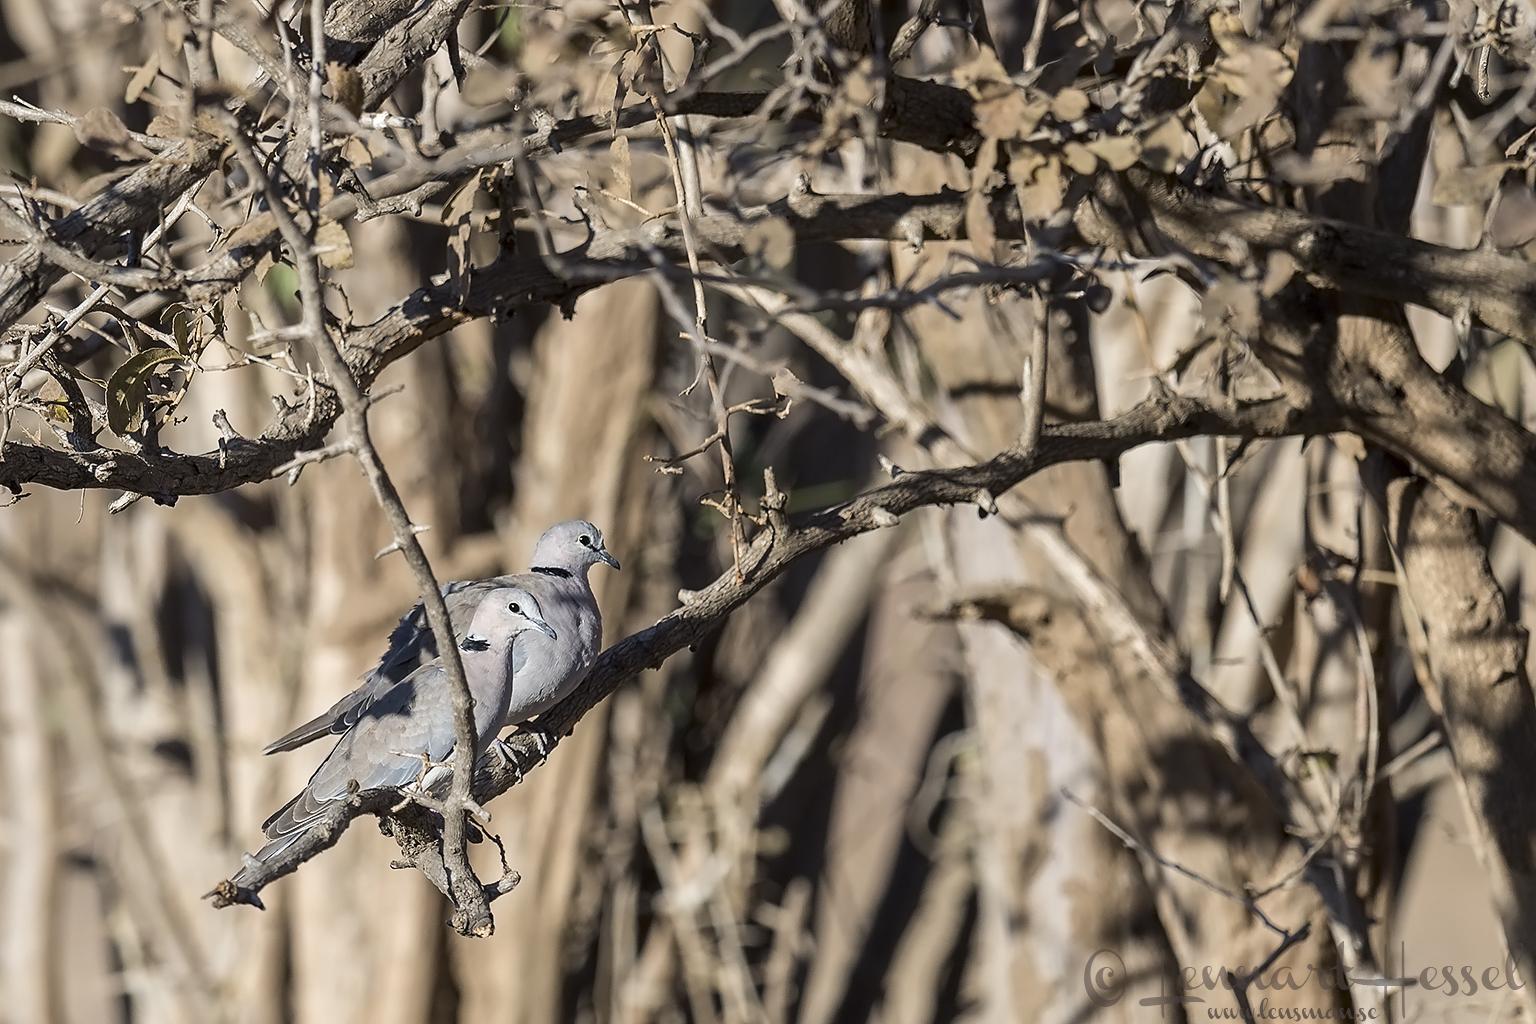 Cape Turtle-doves Mana Pools National Park Zimbabwe